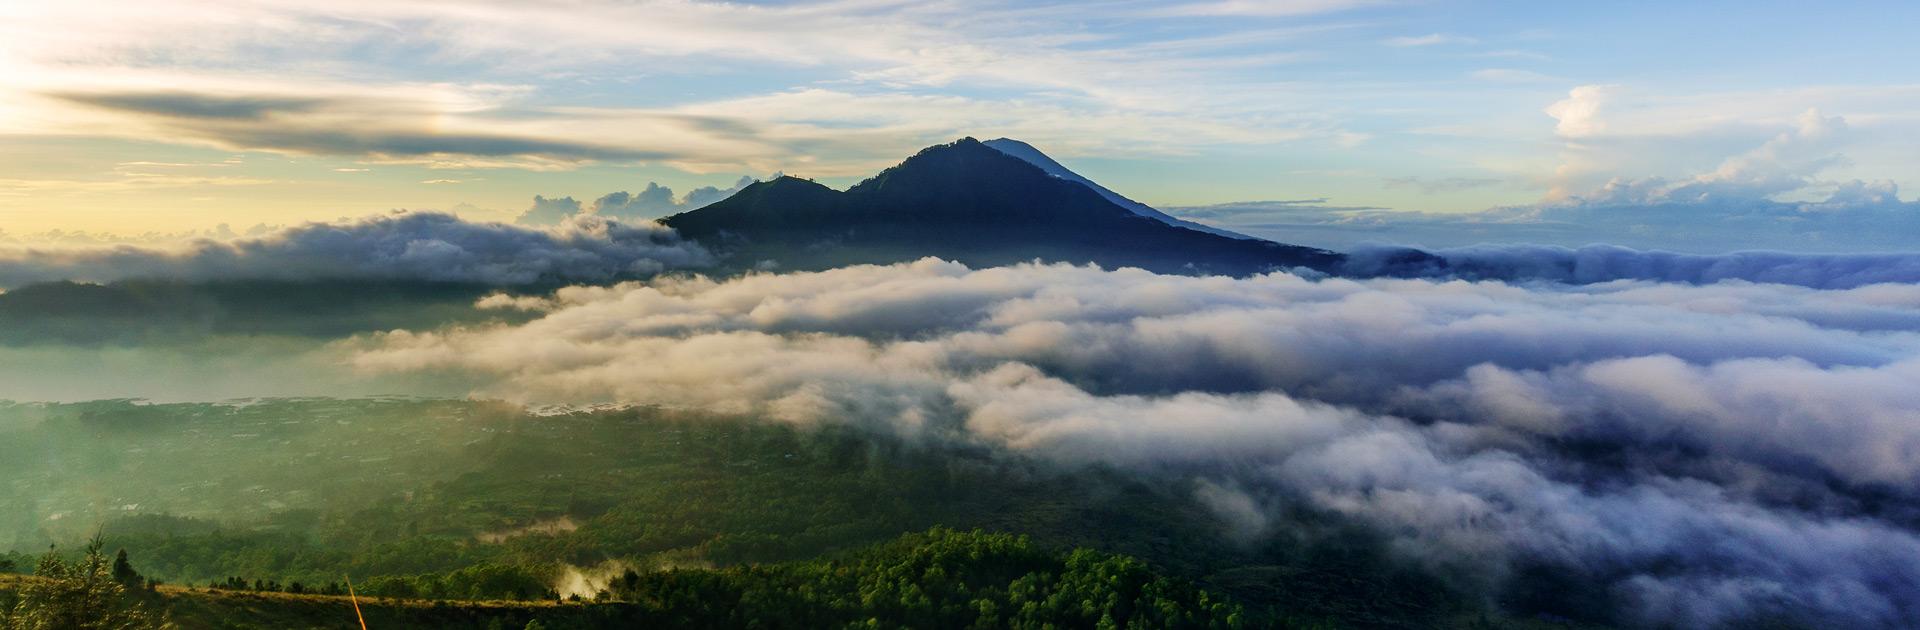 ID Estancia en Tanjung Benoa volcán Batur